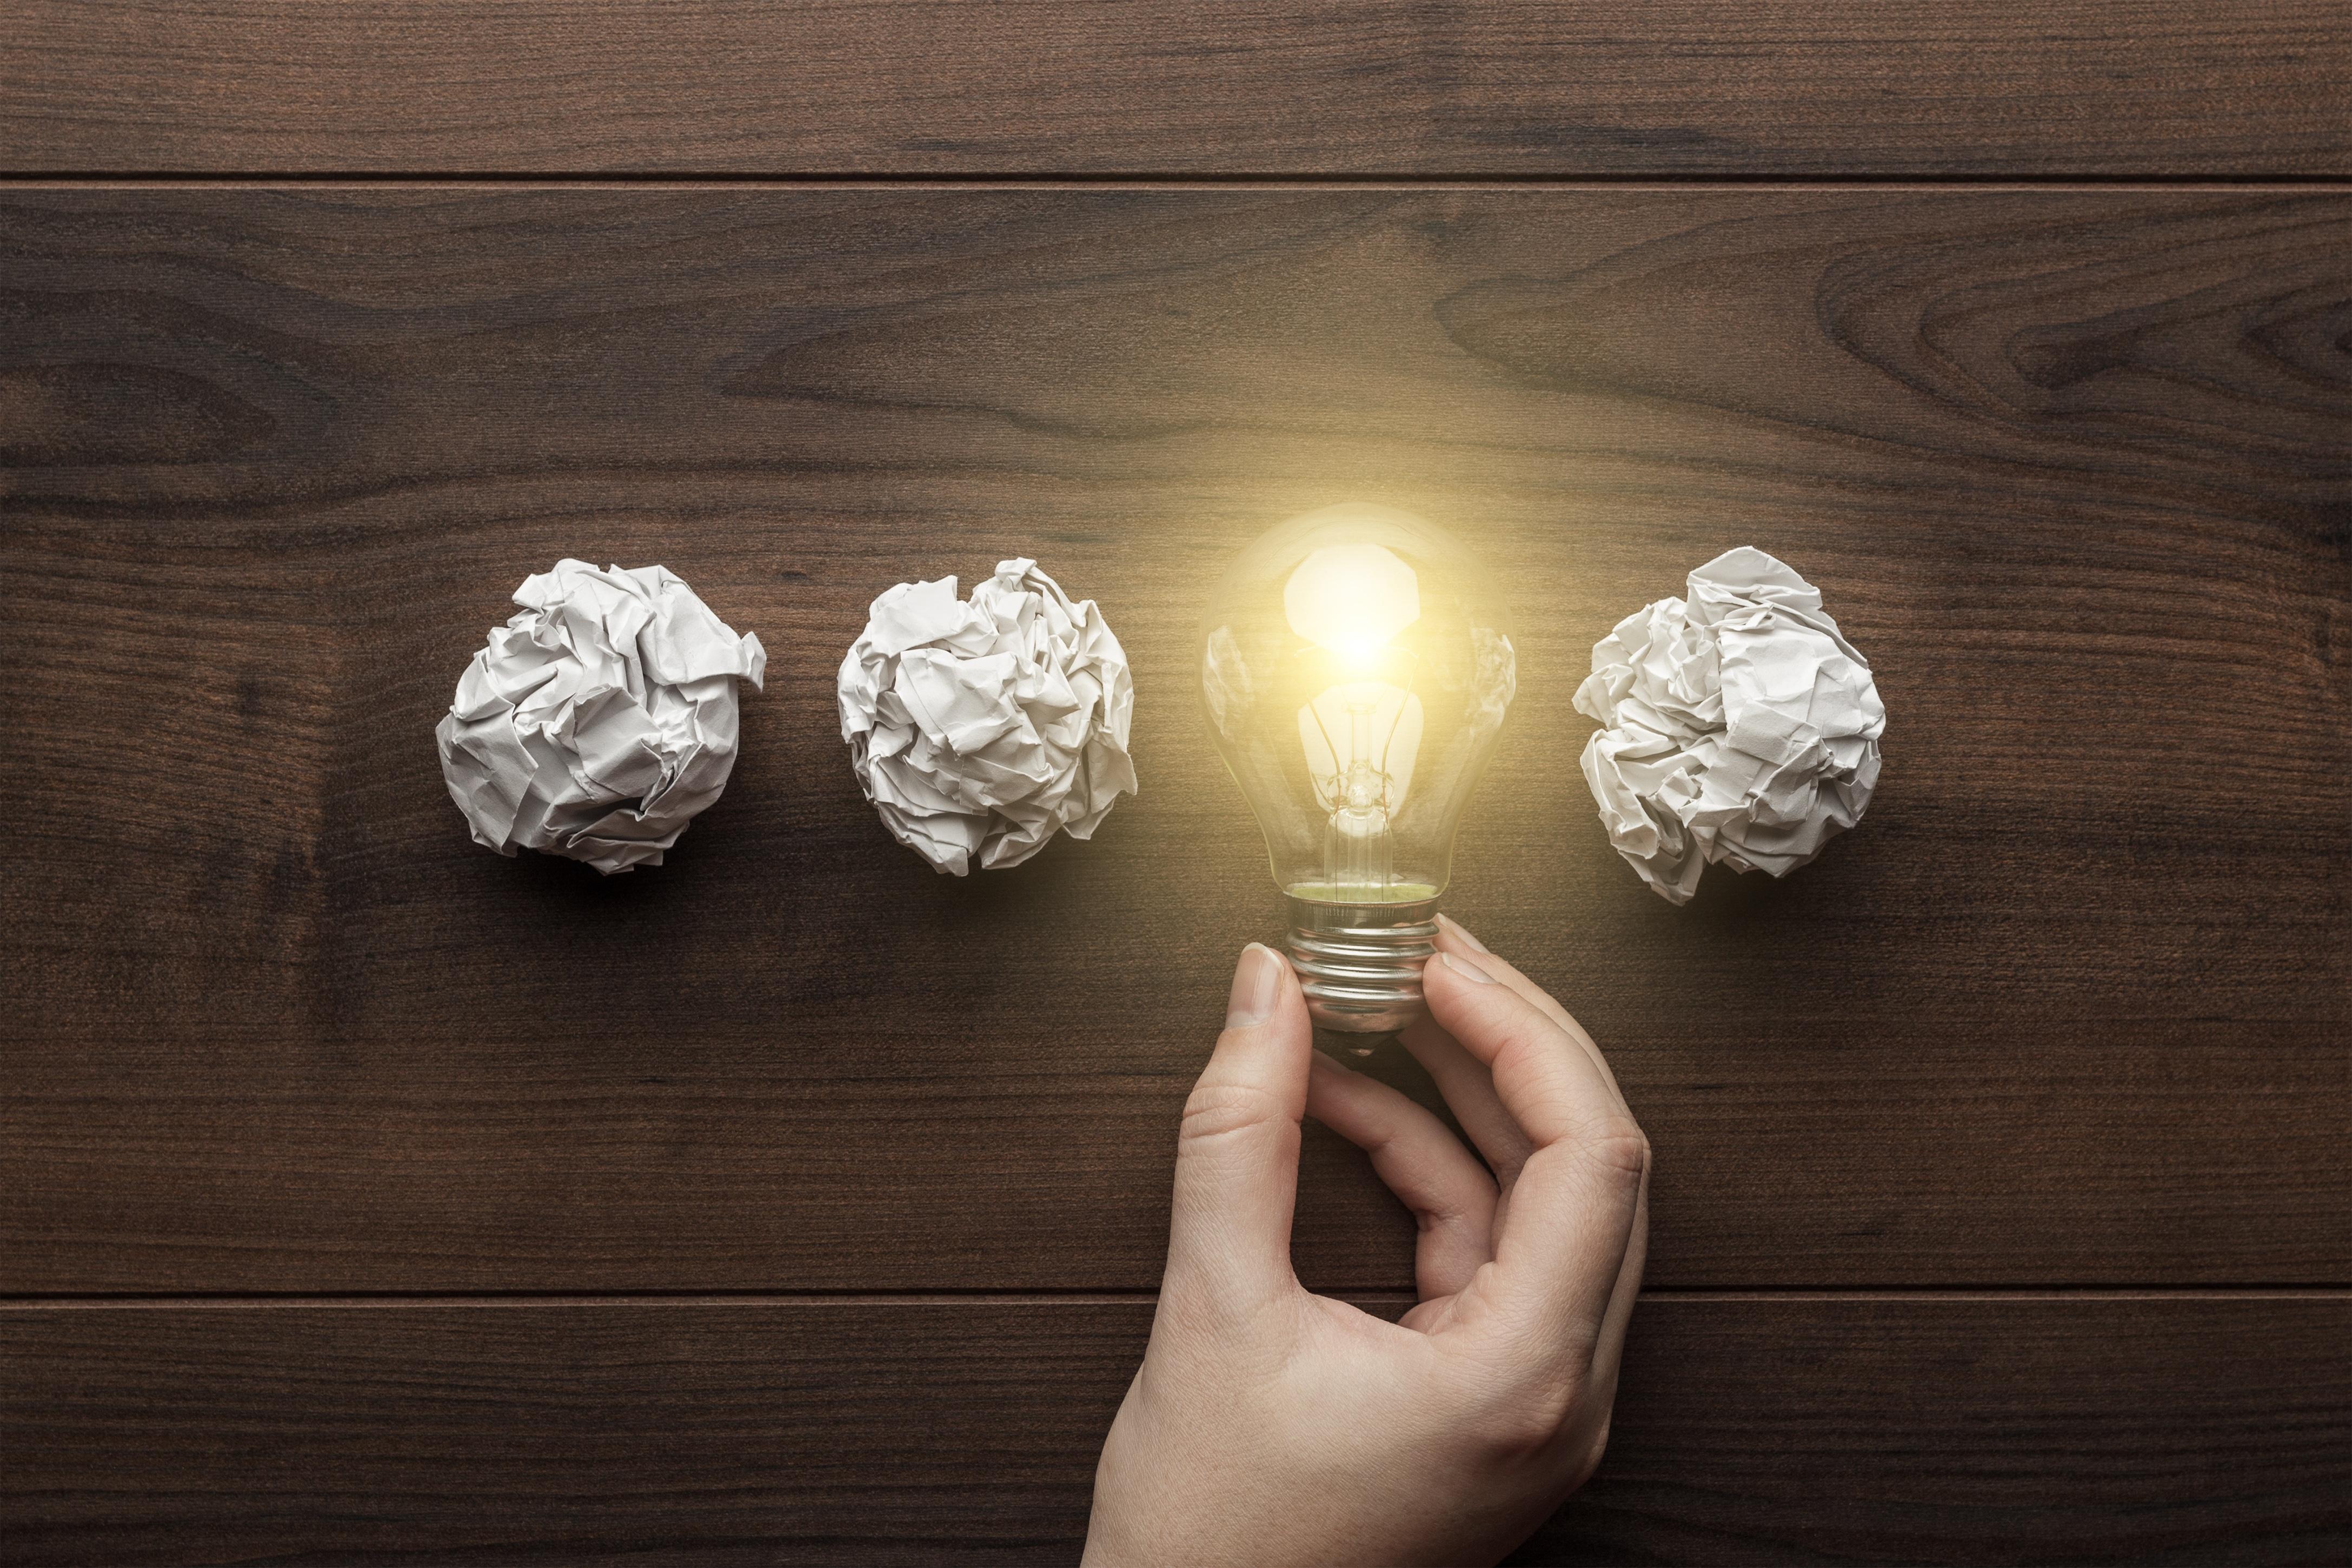 Trovare idee per i contenuti da scrivere sul tuo sito web - seo idee web - eservice